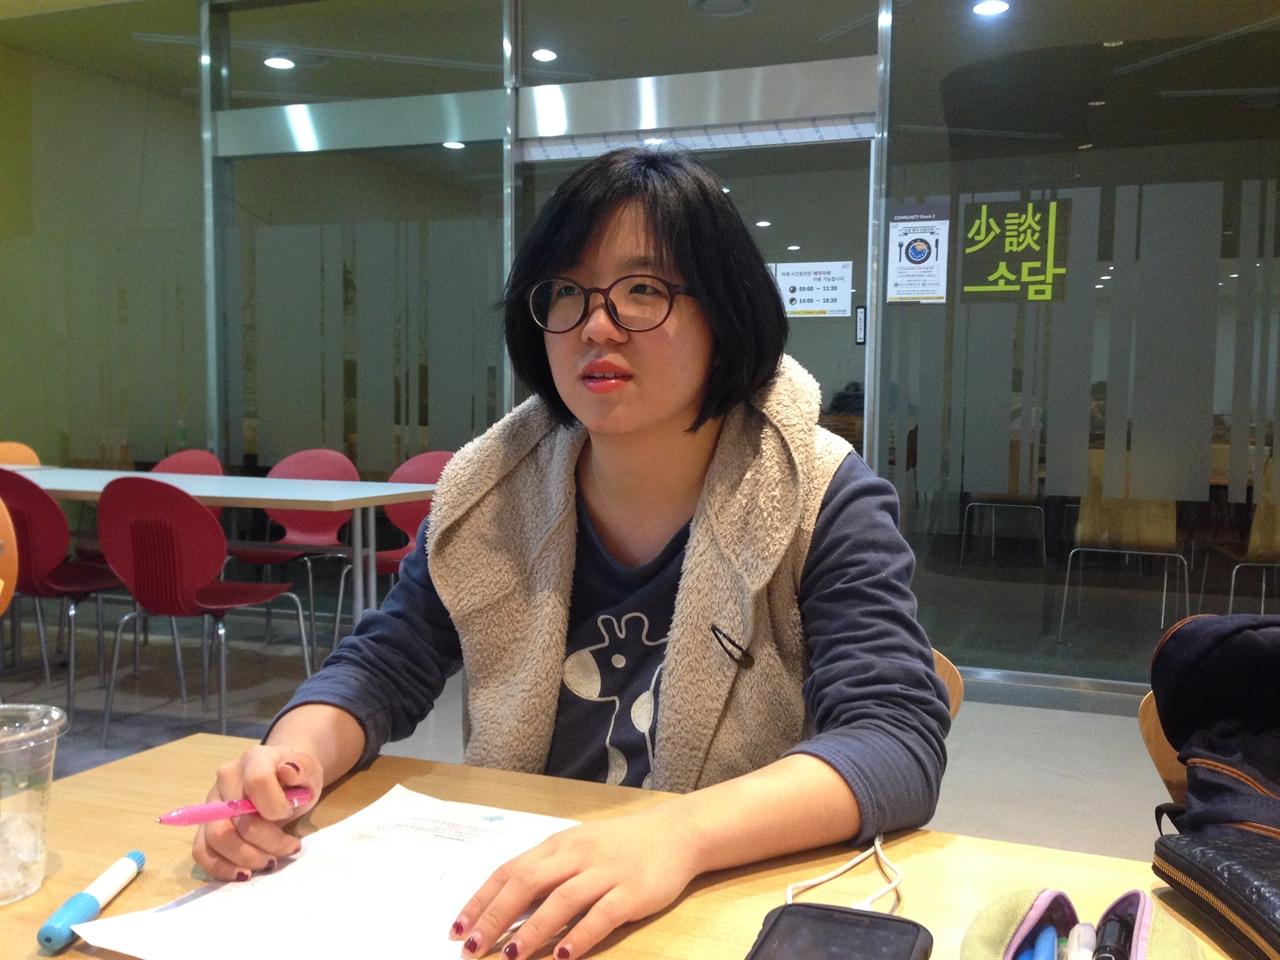 """대학교 카페에서 만난 용혜인 """"가만히 있으라"""" 제안자 용혜인 씨가 경희대학교 청운관 카페에서 인터뷰를 하고 있다."""